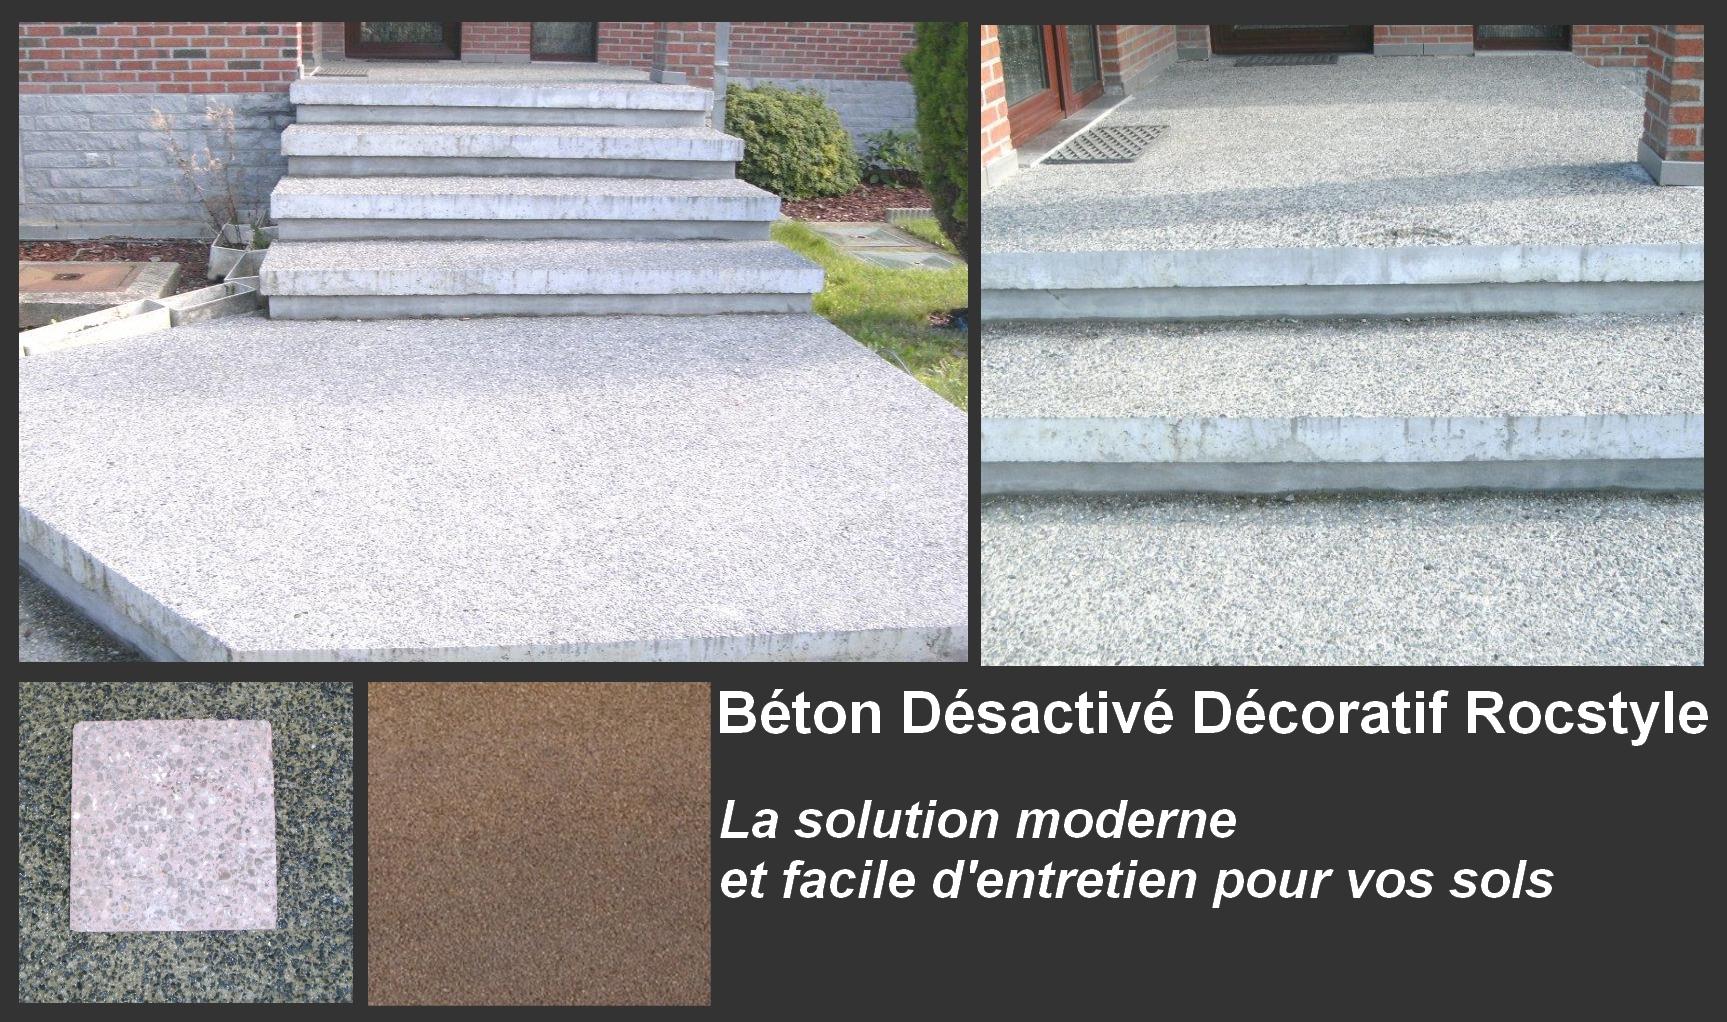 le b ton d sactiv d coratif rocstyle une solution. Black Bedroom Furniture Sets. Home Design Ideas